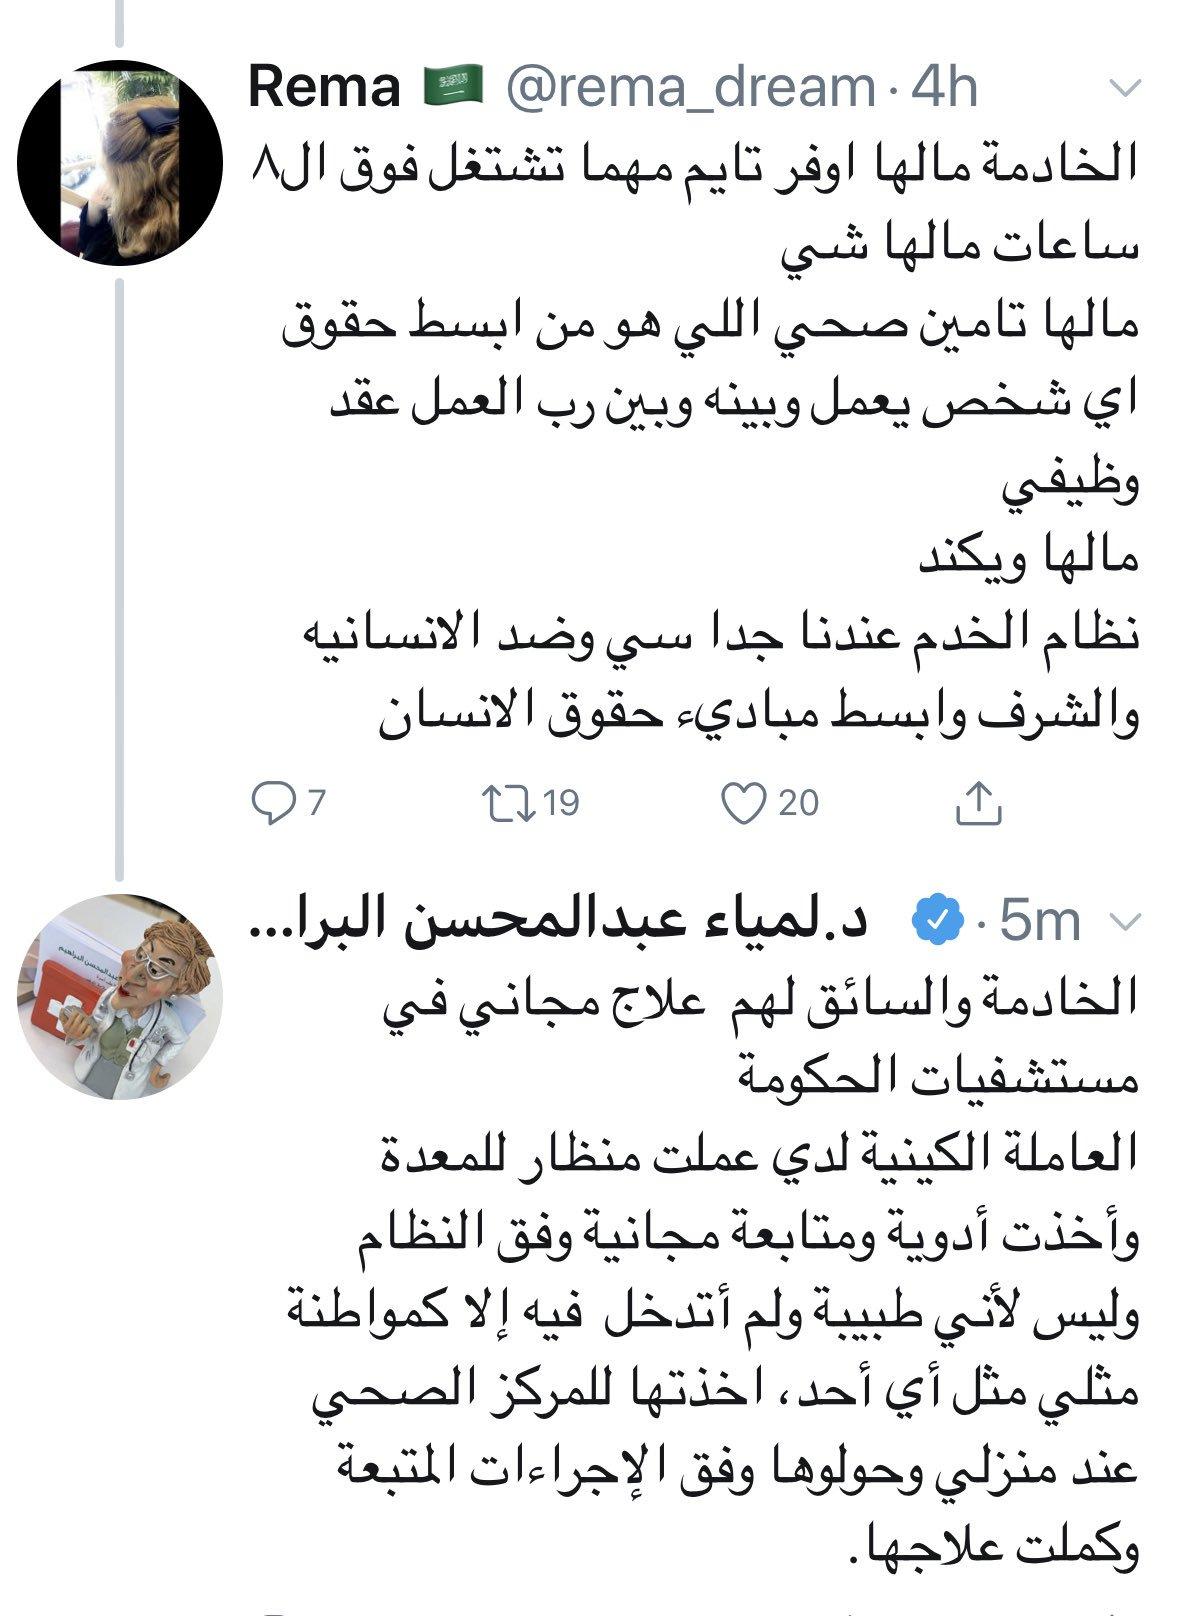 O Xrhsths د لمياء عبدالمحسن البراهيم Sto Twitter في السعودية حقوق العمالة وزارة الصحة وزارة العمل والتنمية الاجتماعية